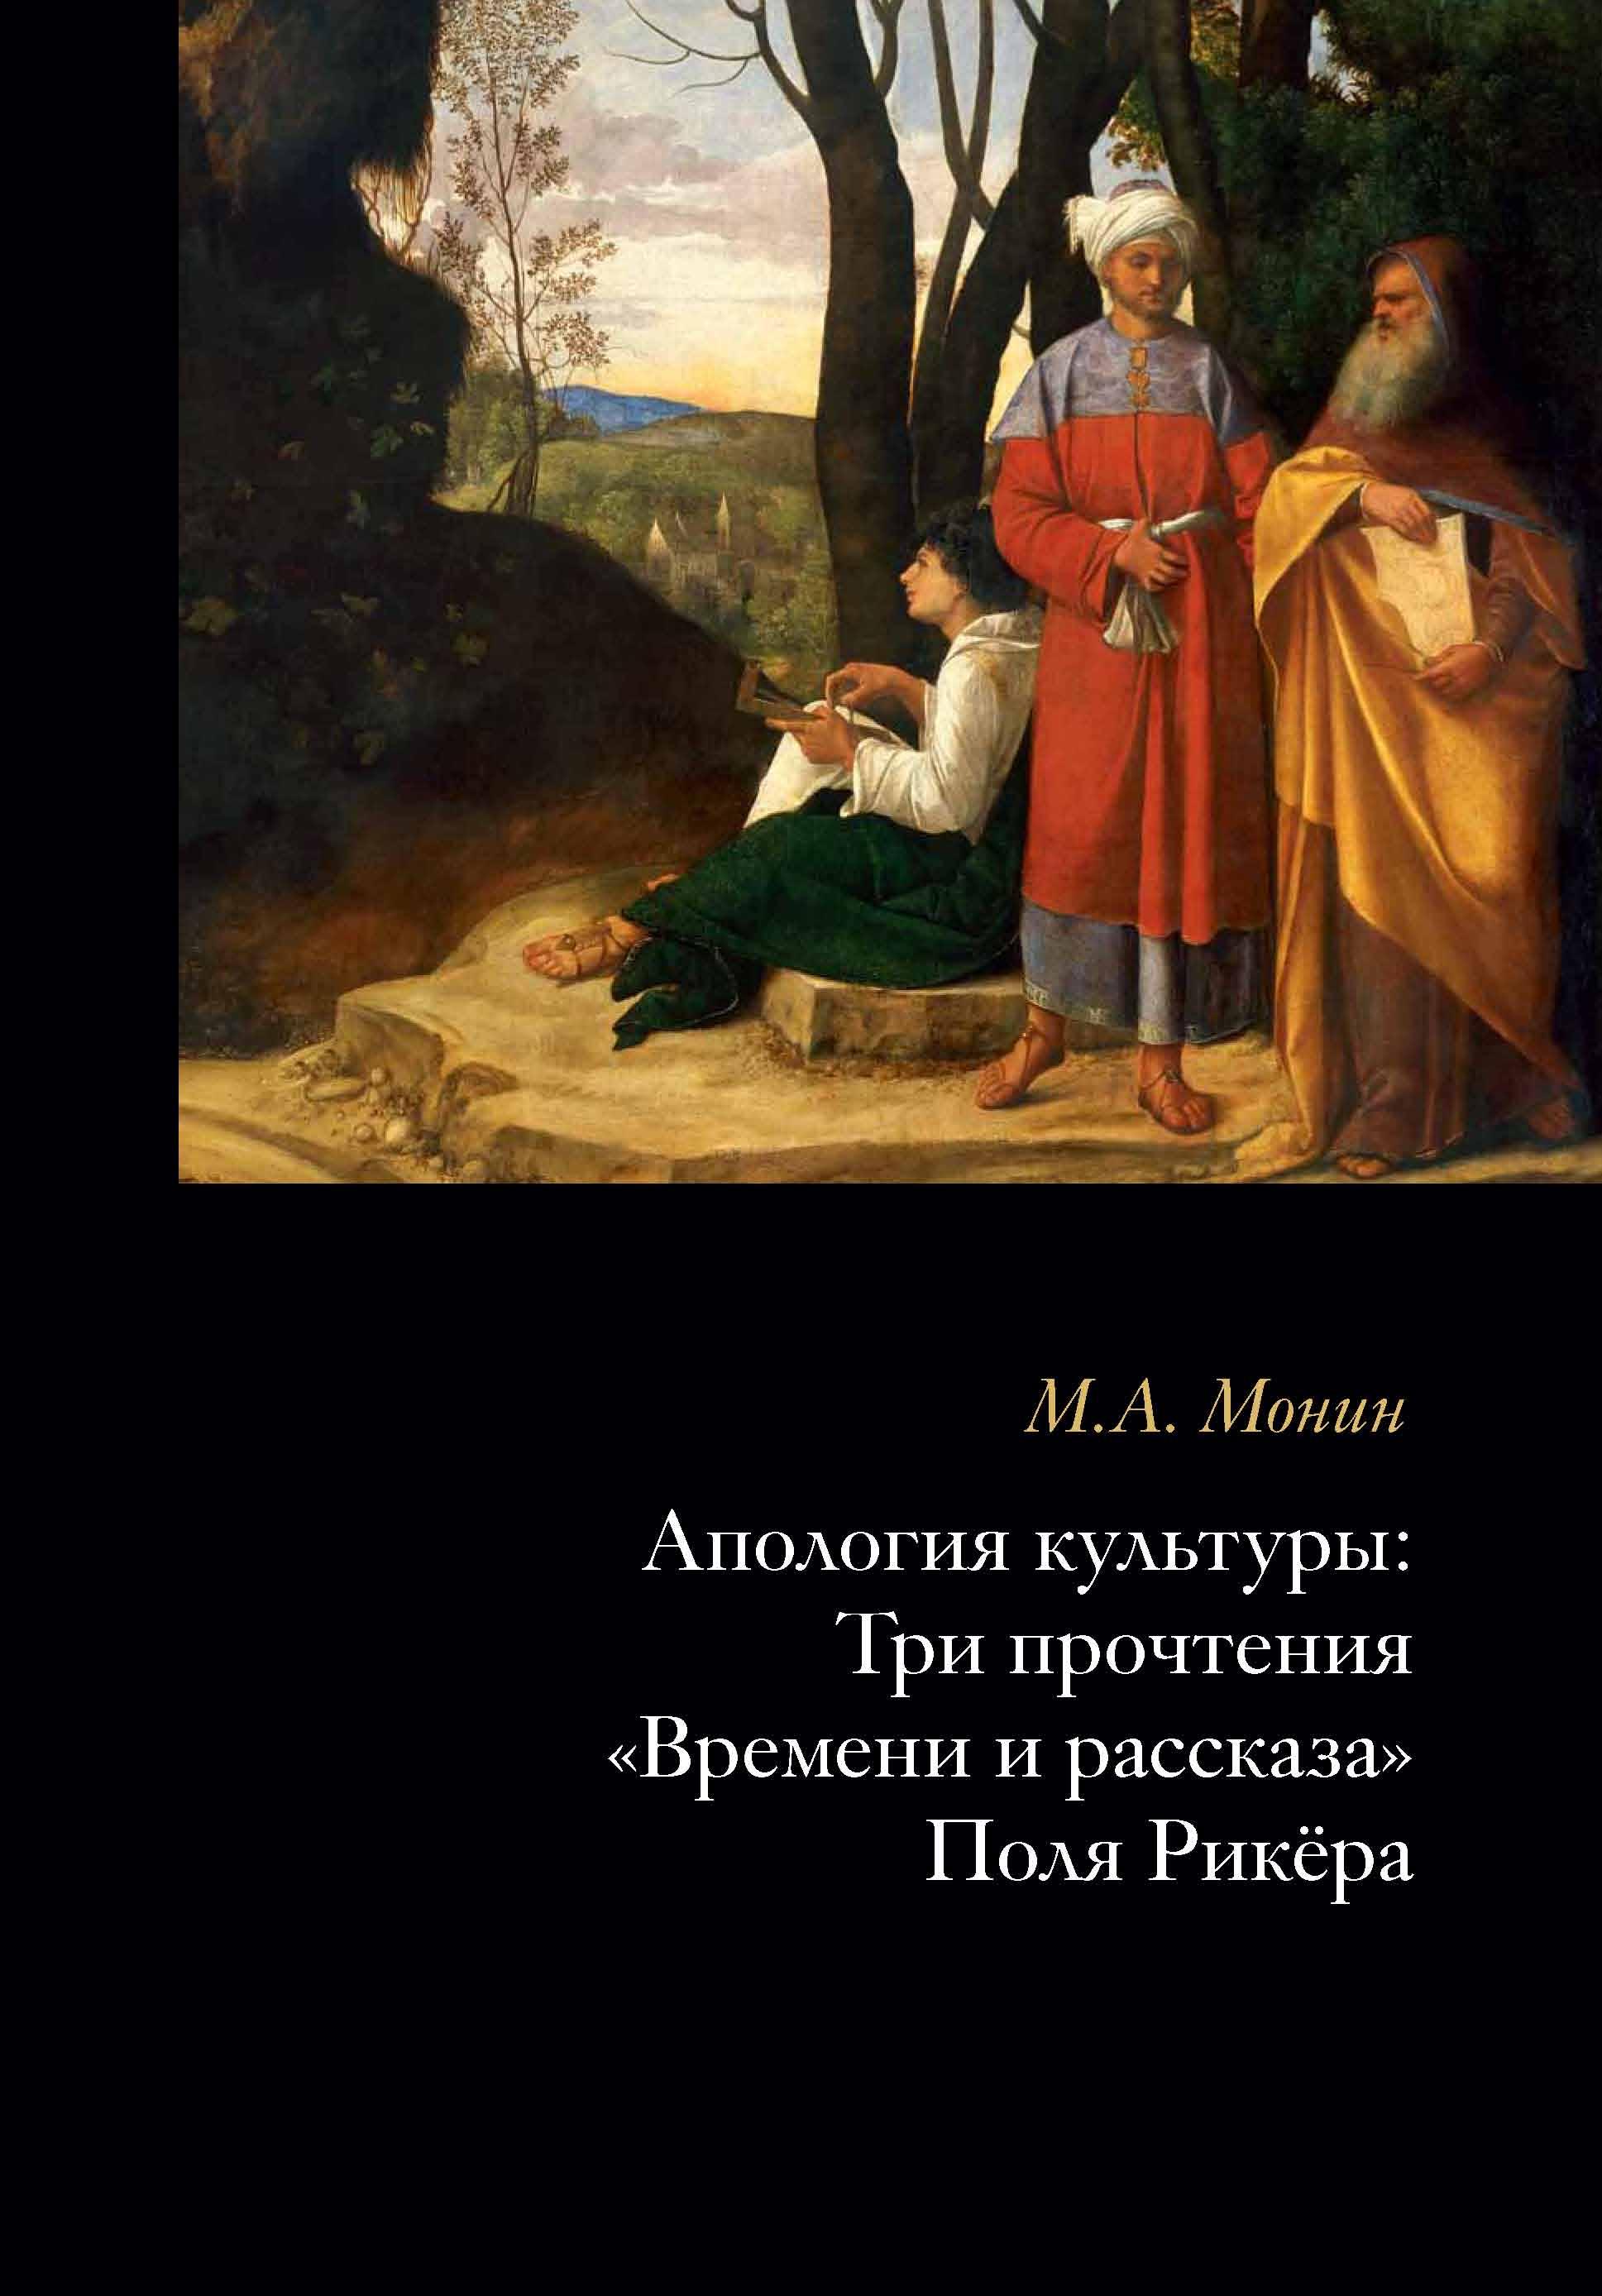 Купить книгу Апология культуры. Три прочтения «Времени и рассказа» Поля Рикёра, автора